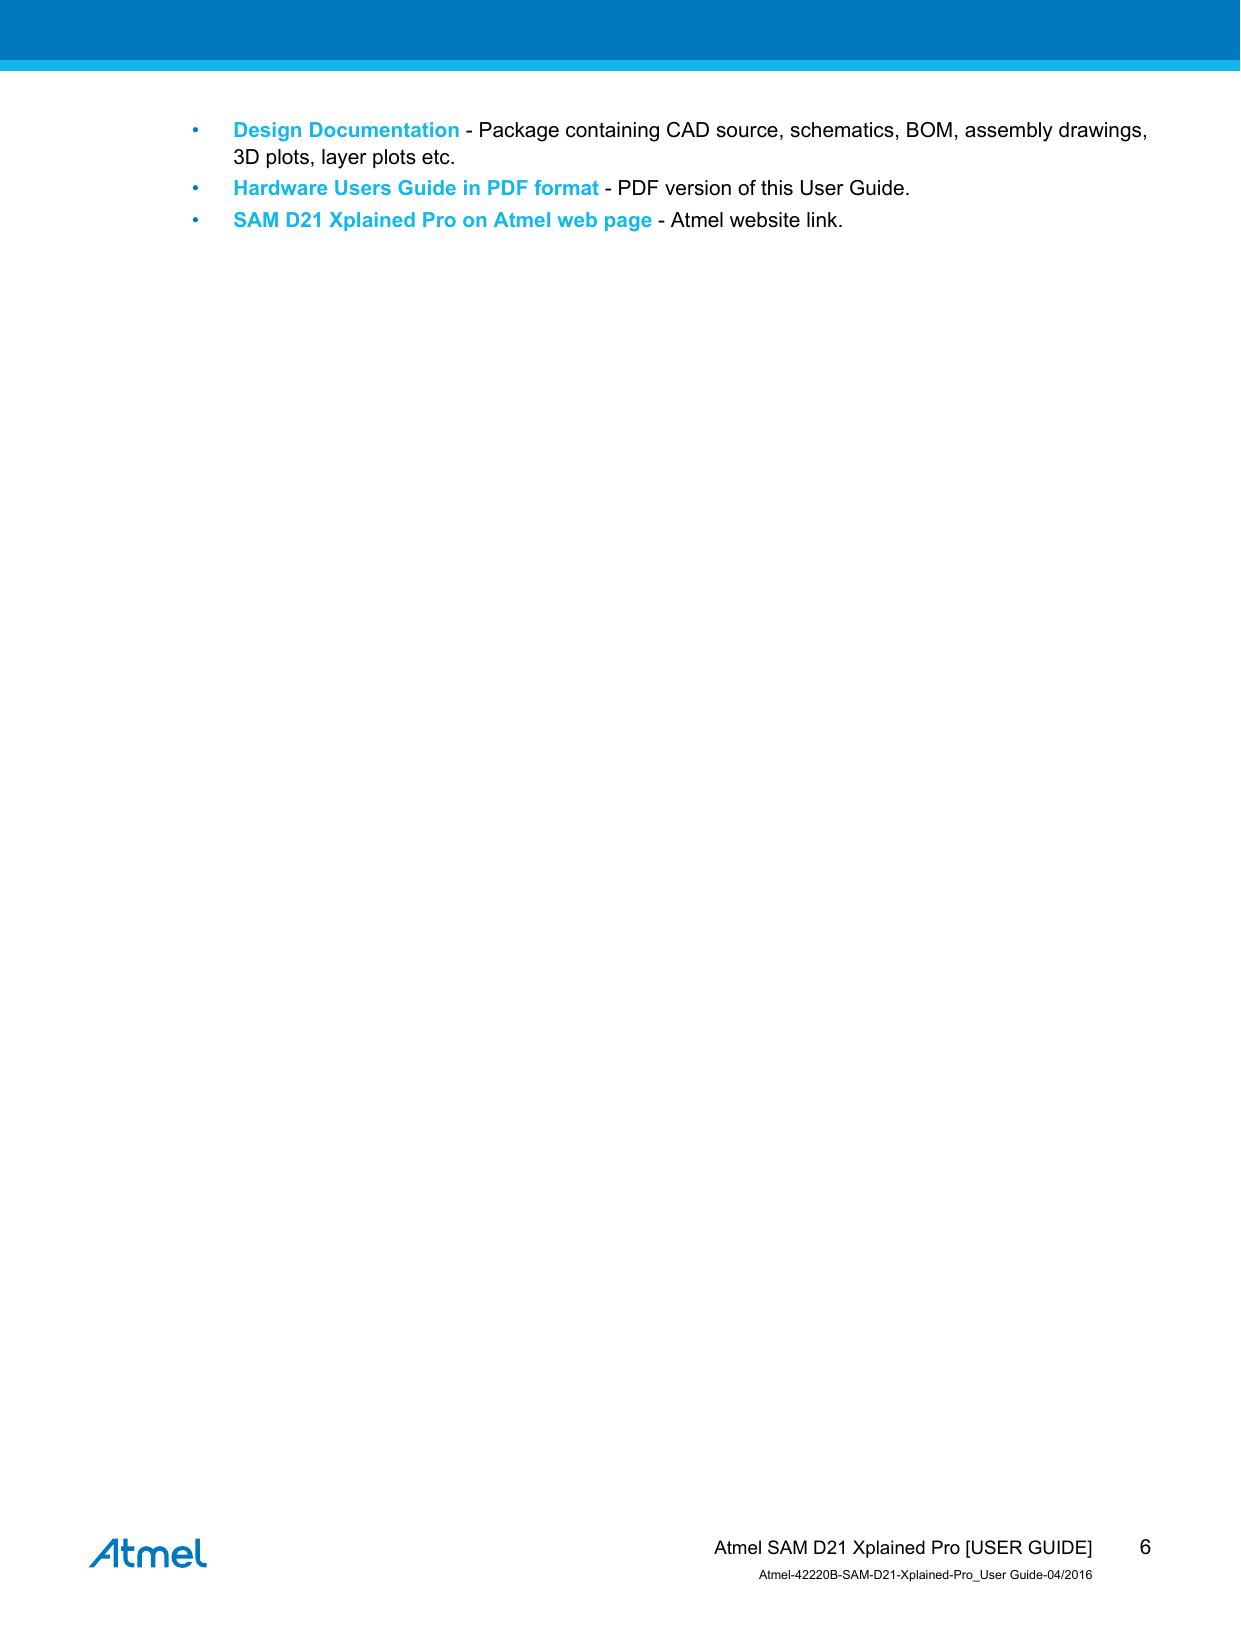 SAM D21 Xplained Pro Atmel 42220 SAMD21 User Guide